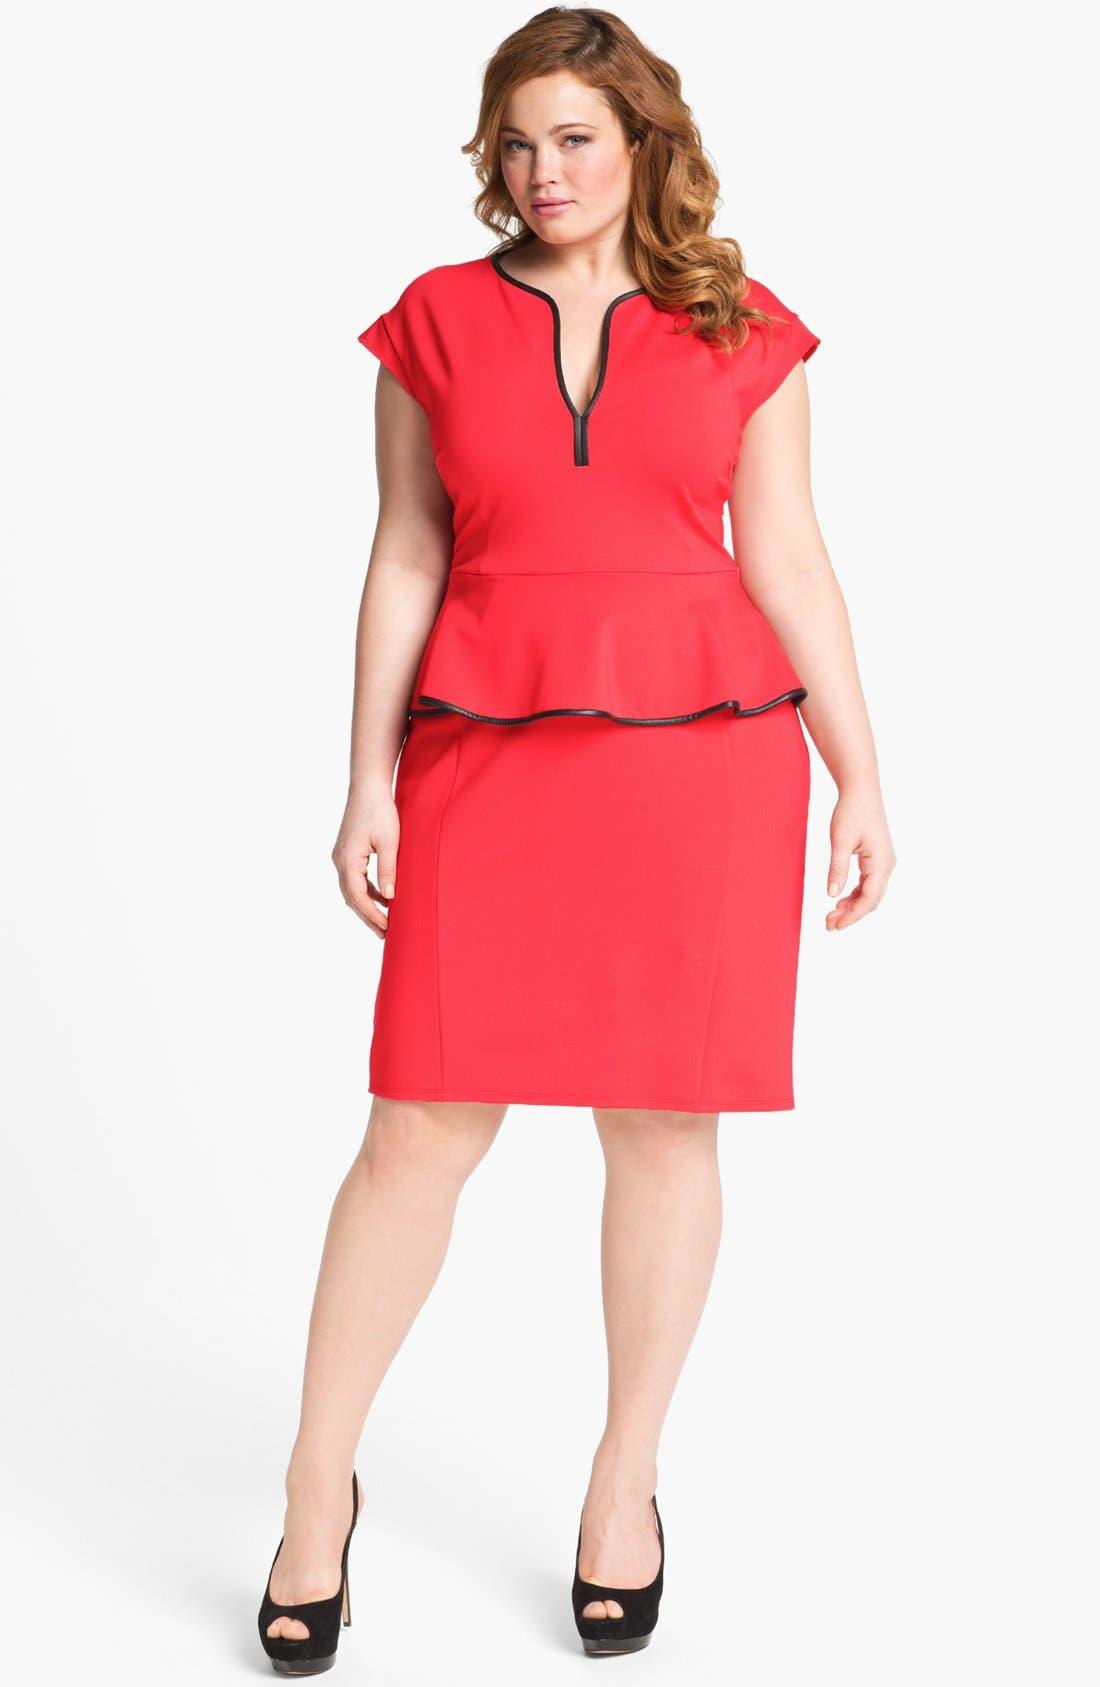 Main Image - ABS by Allen Schwartz Leather Trim Peplum Dress (Plus Size)